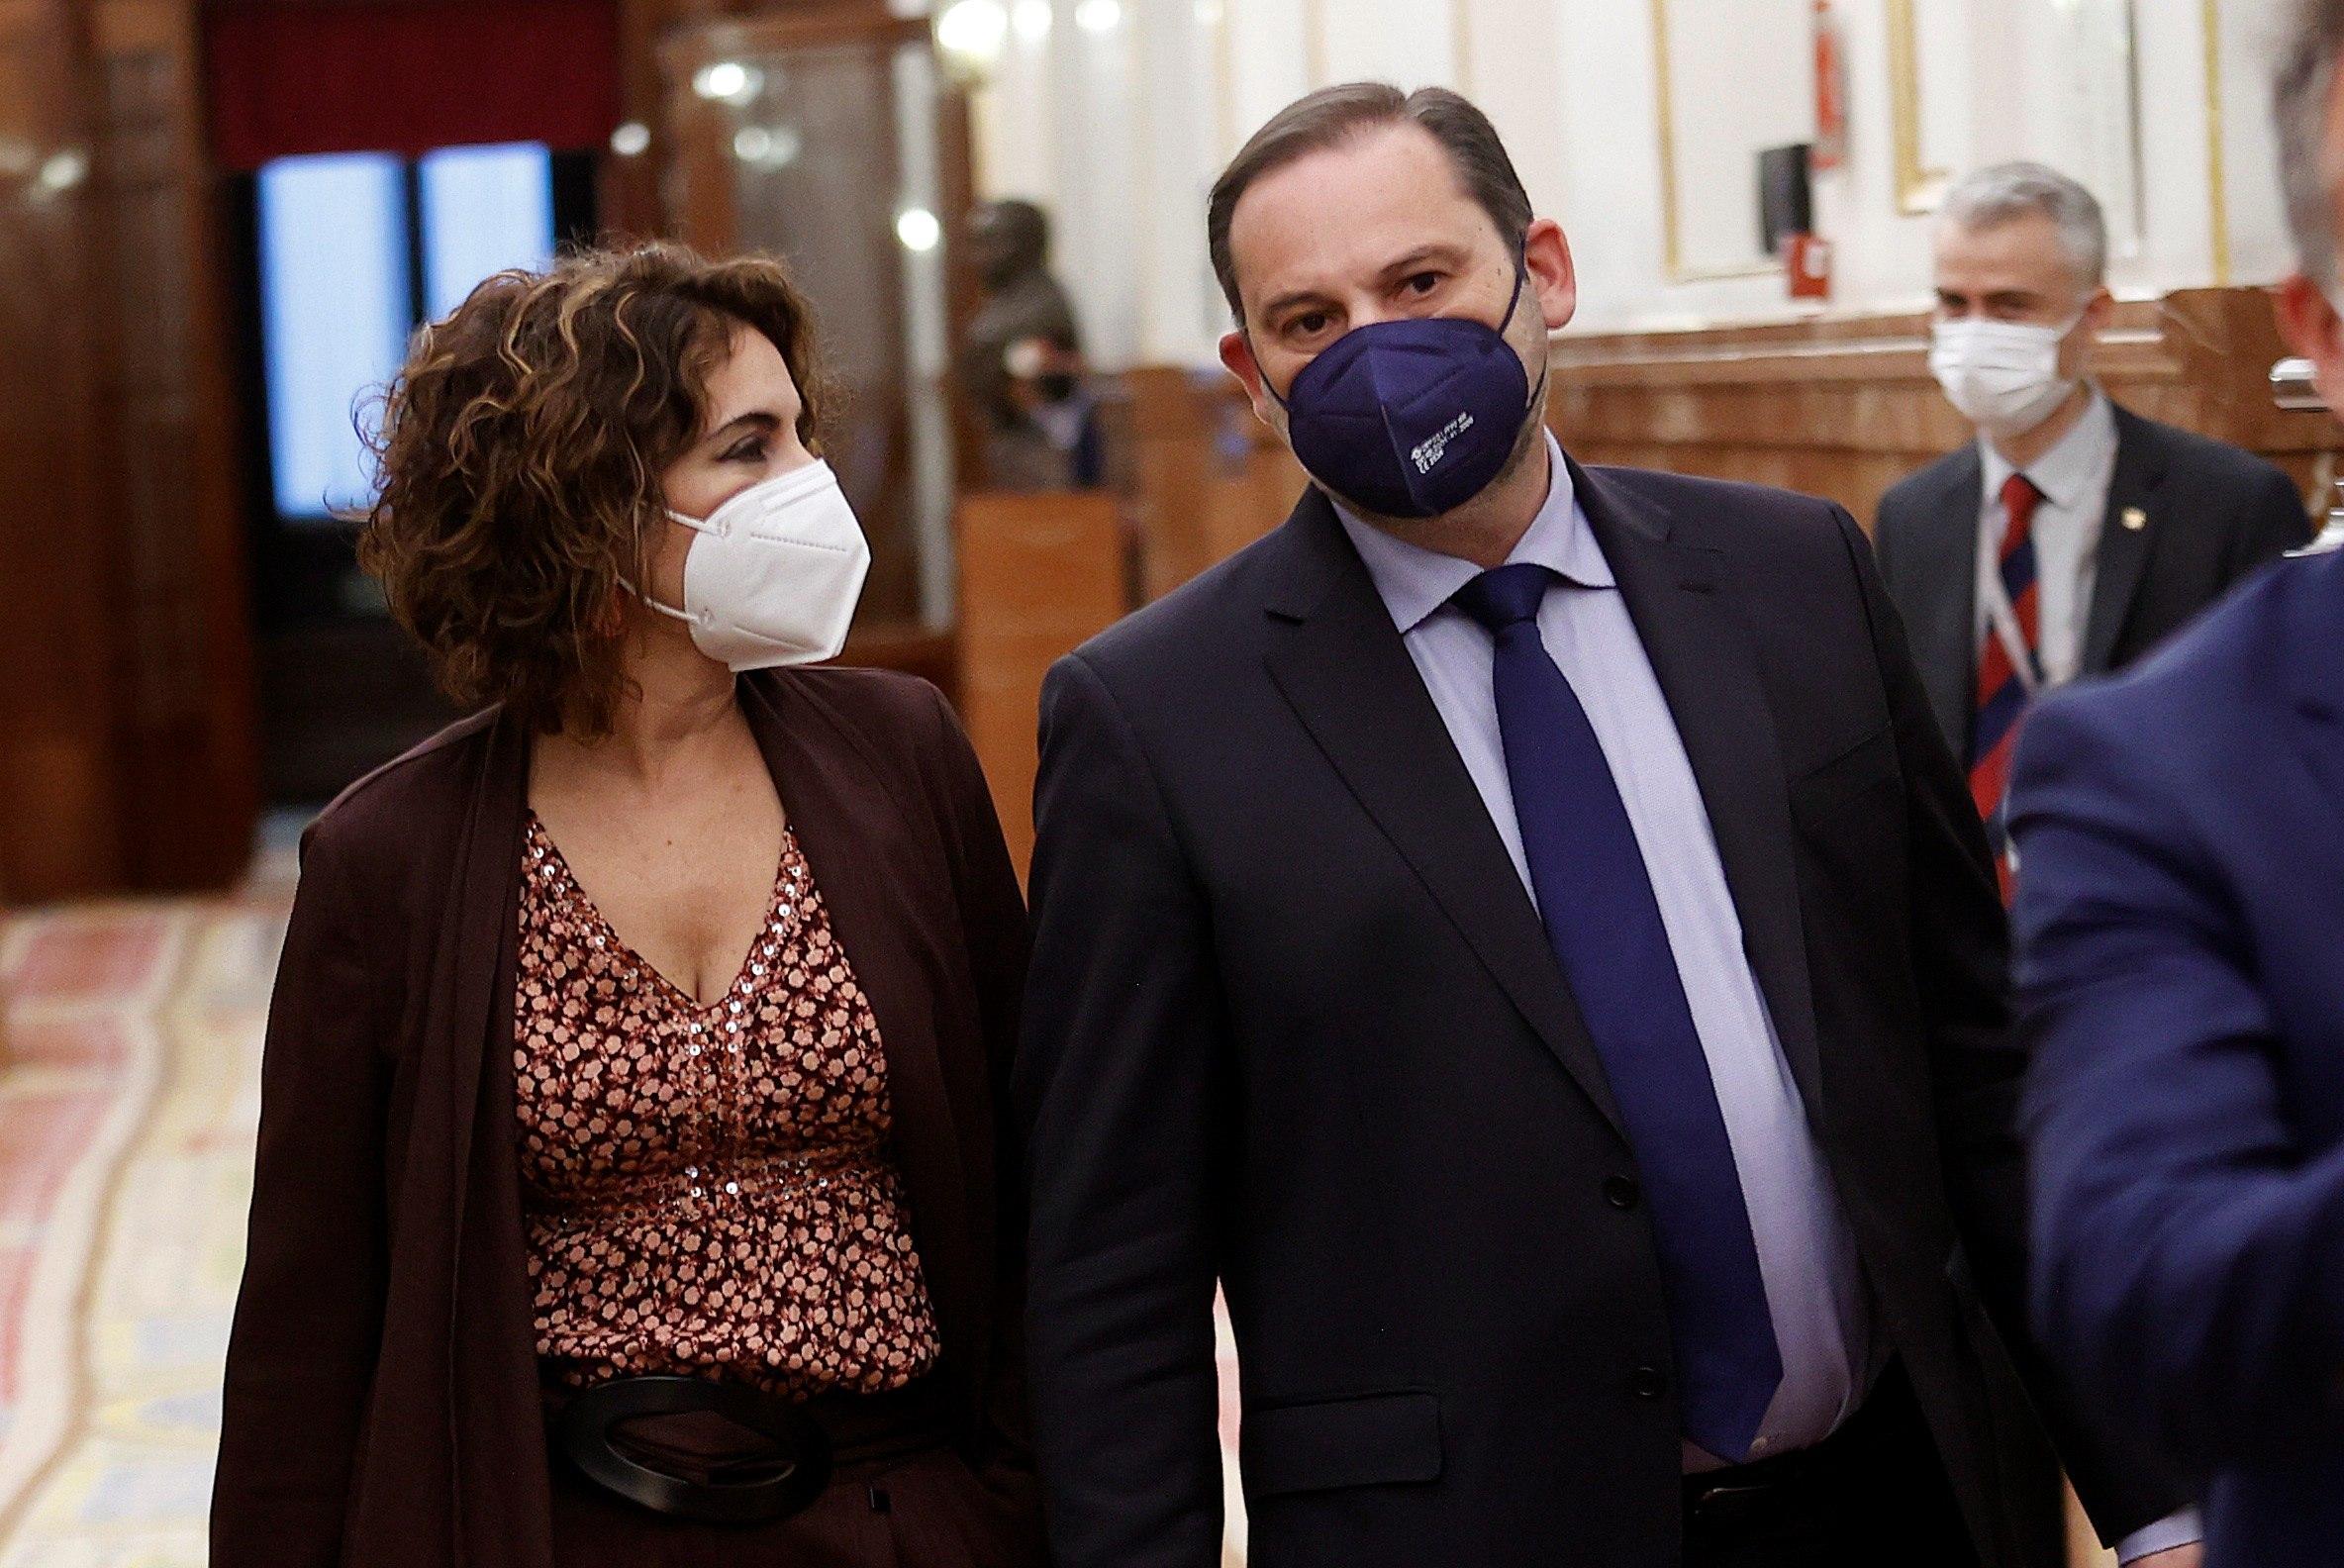 La ministra de Hacienda, María Jesús Montero, y el ministro de Transportes, José Luis Ábalos, este miércoles en el Congreso de los Diputados